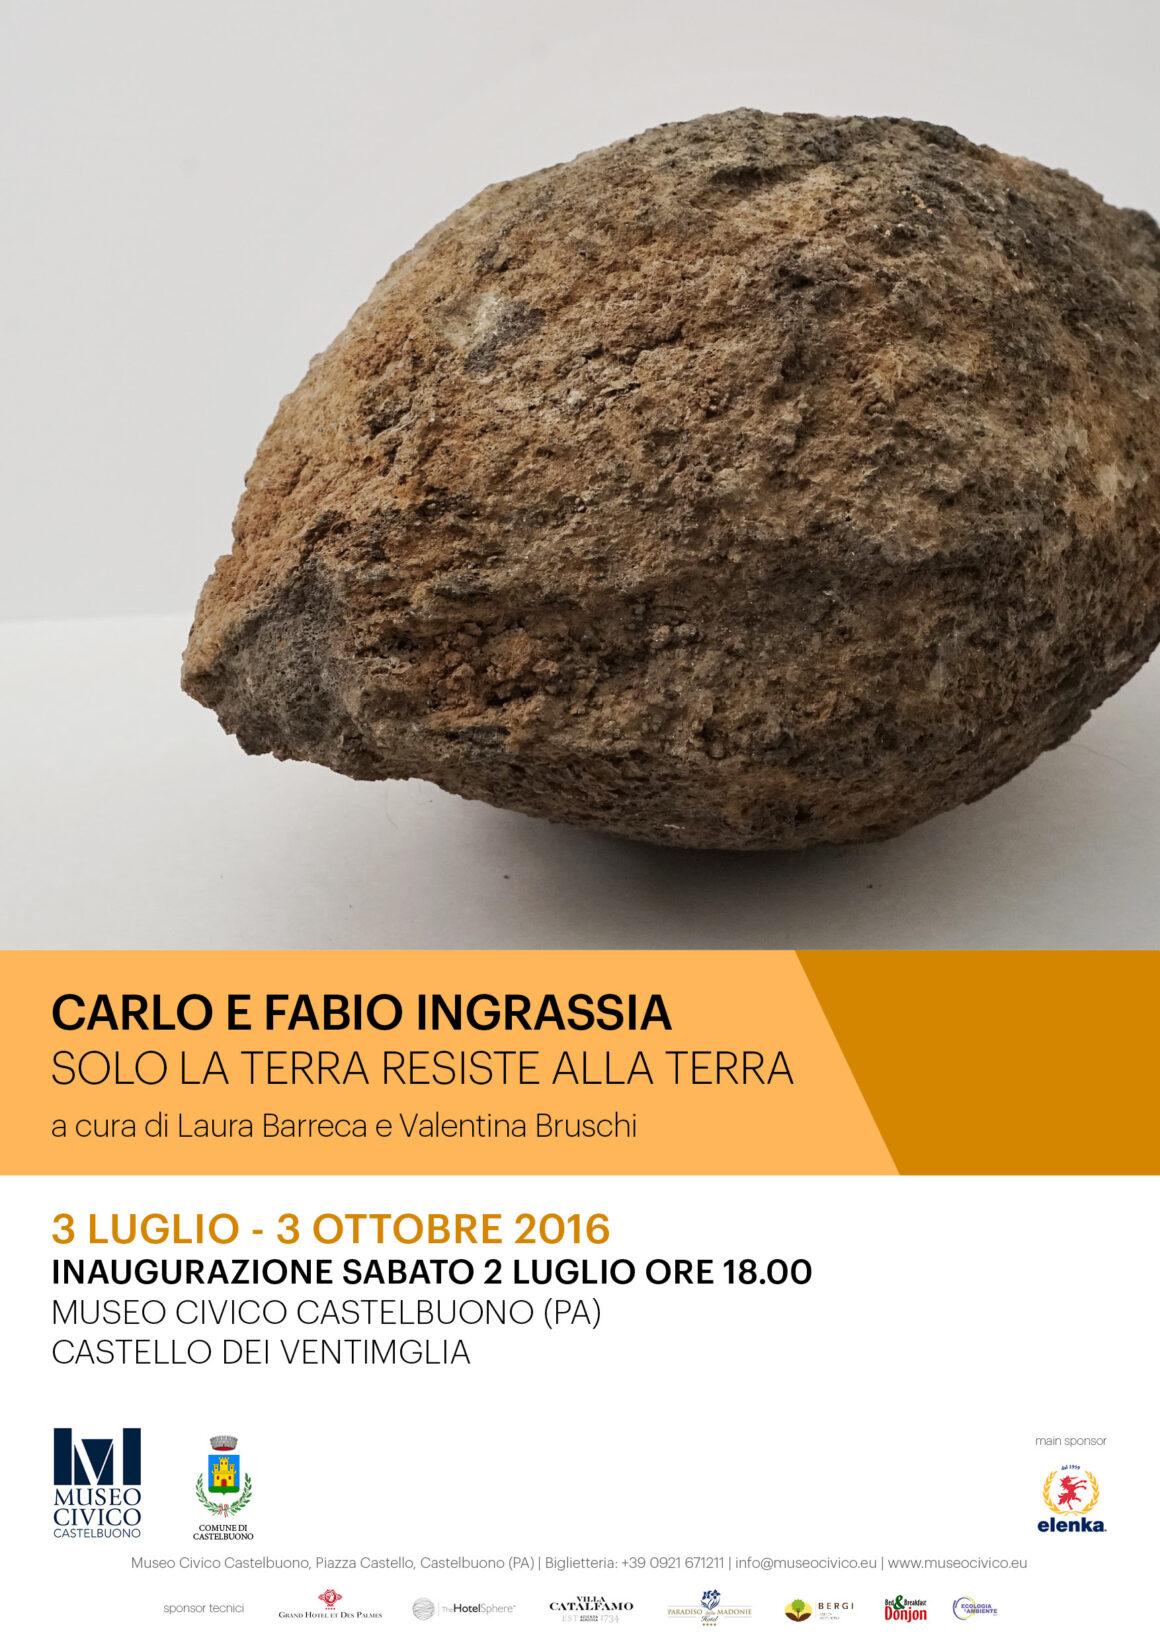 SOLO LA TERRA RESISTE ALLA TERRA – Carlo e Fabio Ingrassia